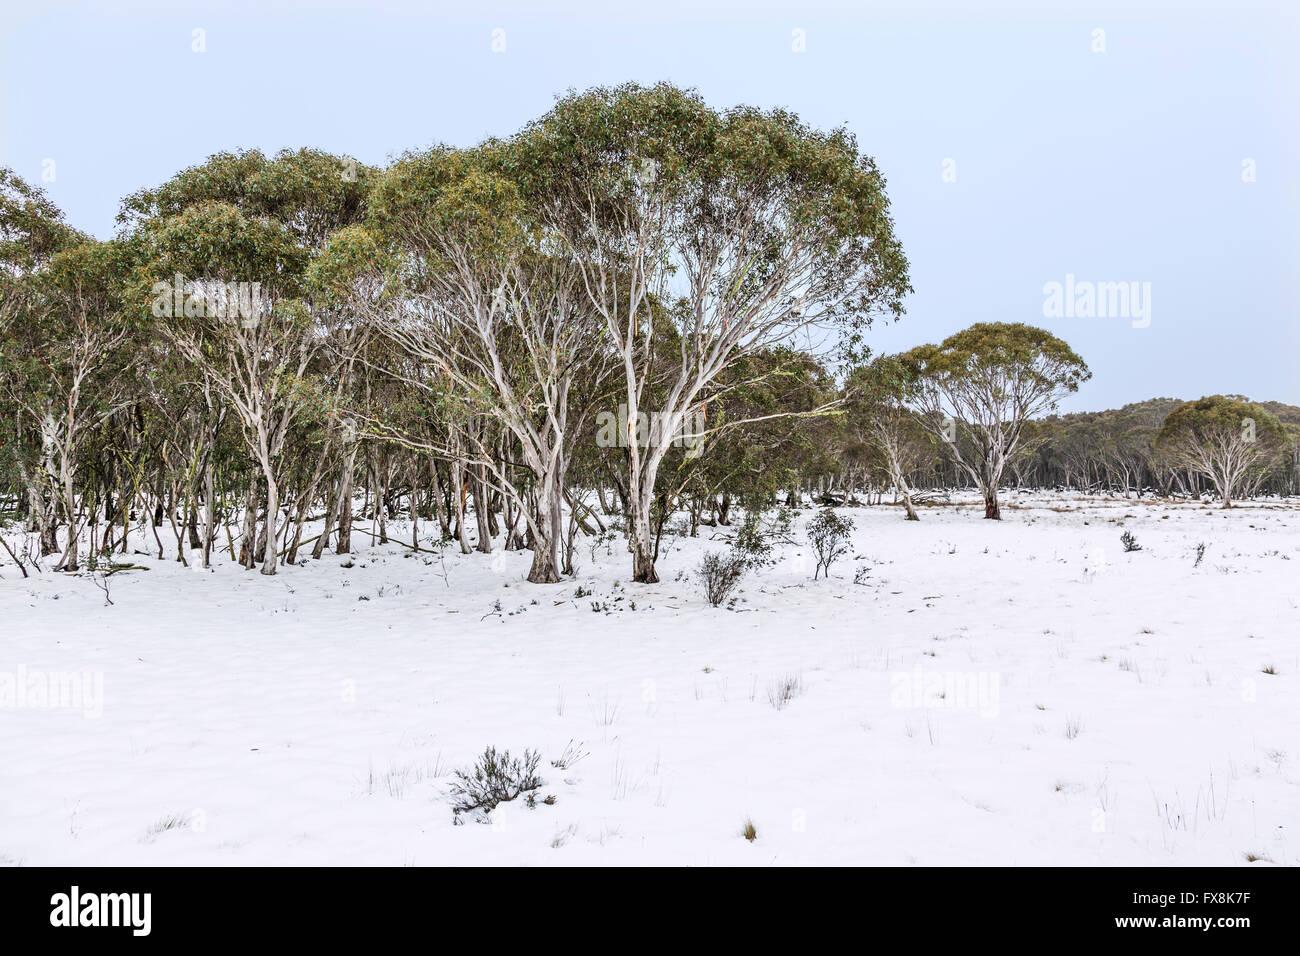 Australia, Nueva Gales del Sur, montañas nevadas, Parque Nacional Kosciusko, nieve en las encías, Eucalyptus Imagen De Stock